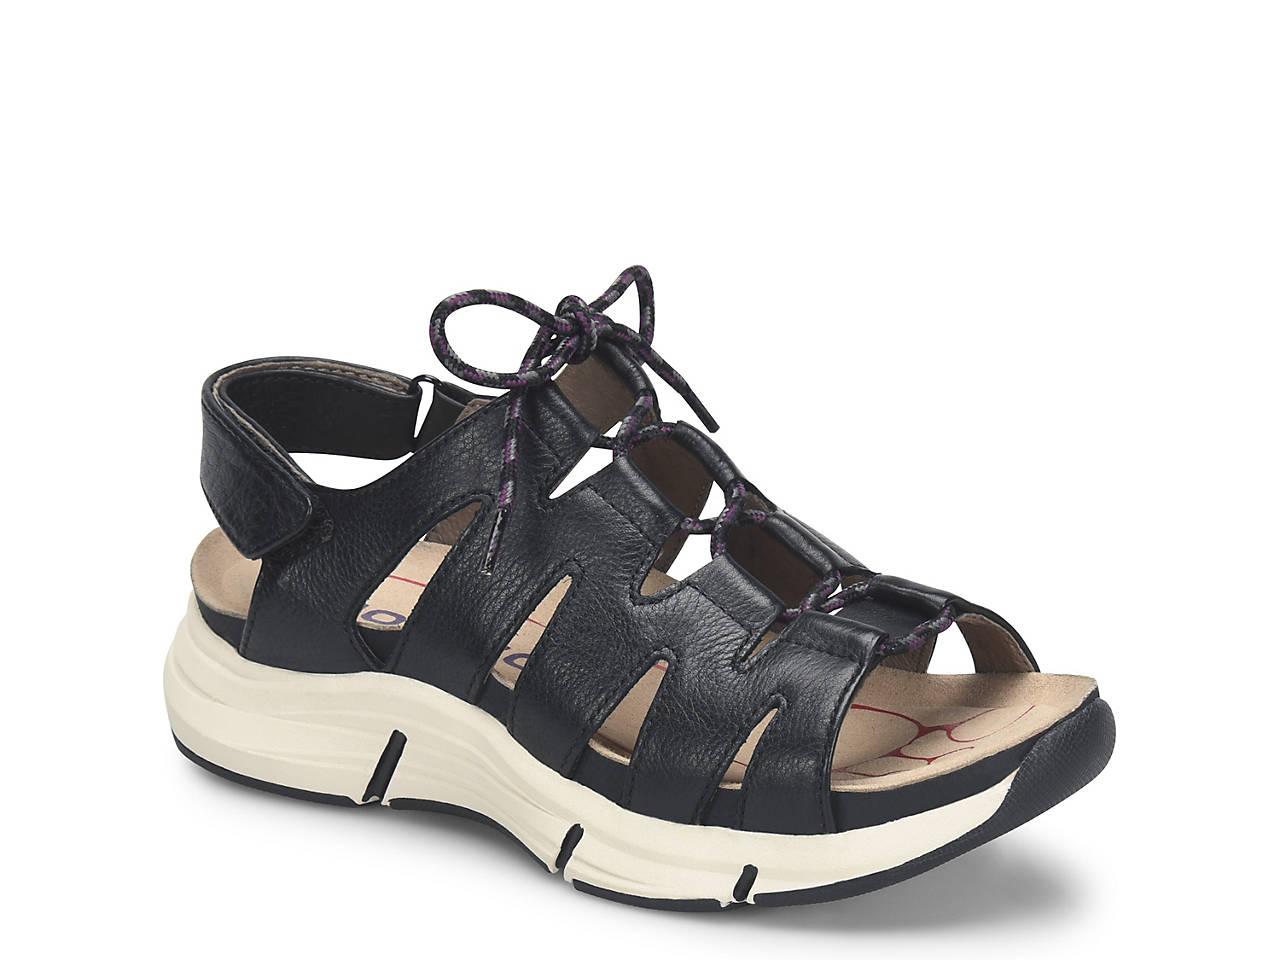 Olanda Wedge Sandal by Bionica